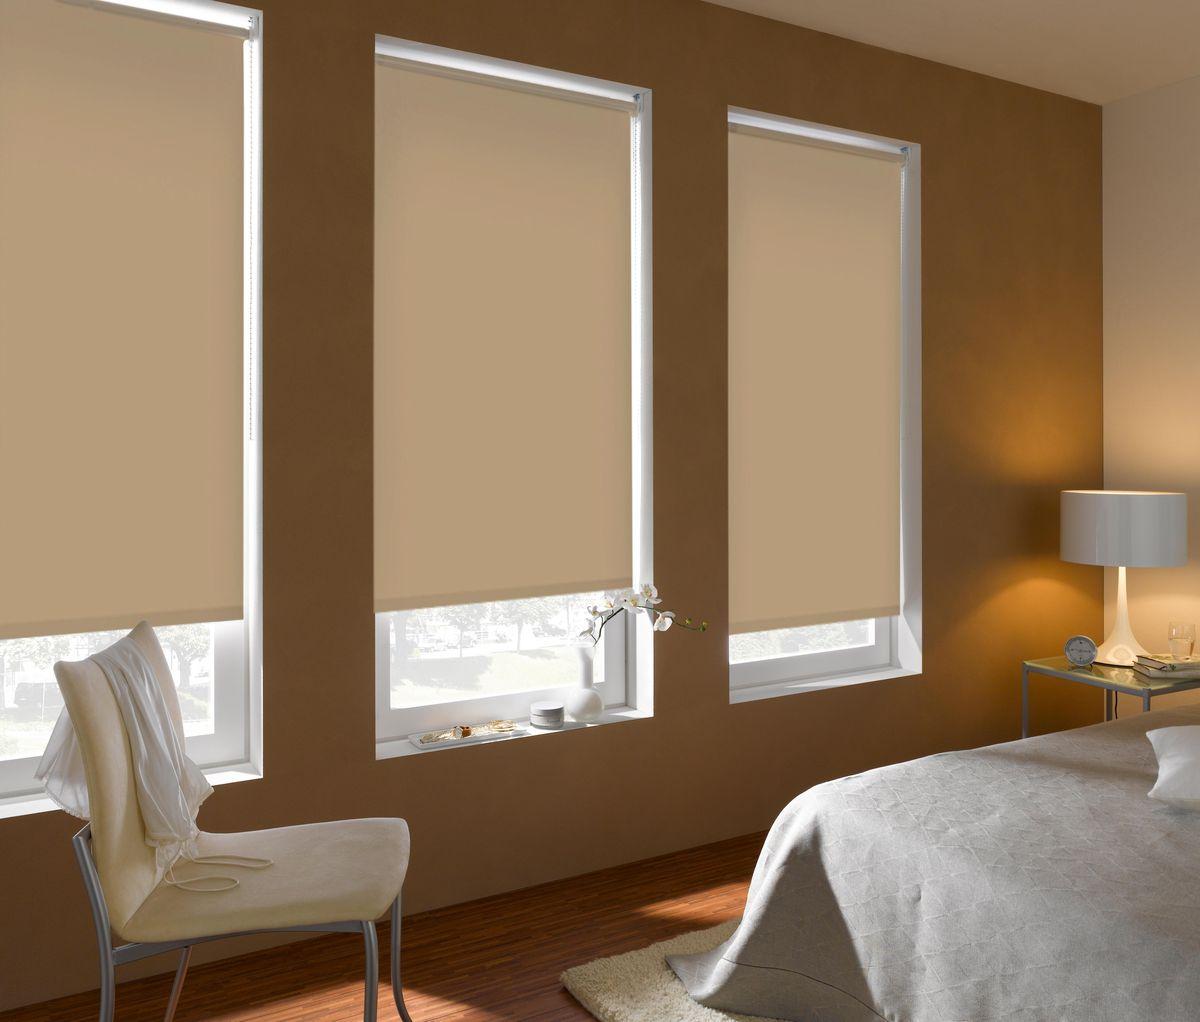 Штора рулонная Эскар Blackout, светонепроницаемая, цвет: бежевый, ширина 160 см, высота 170 см1004900000360Рулонными шторами можно оформлять окна как самостоятельно, так и использовать в комбинации с портьерами. Это поможет предотвратить выгорание дорогой ткани на солнце и соединит функционал рулонных с красотой навесных.Преимущества применения рулонных штор для пластиковых окон:- имеют прекрасный внешний вид: многообразие и фактурность материала изделия отлично смотрятся в любом интерьере; - многофункциональны: есть возможность подобрать шторы способные эффективно защитить комнату от солнца, при этом она не будет слишком темной.- Есть возможность осуществить быстрый монтаж.ВНИМАНИЕ! Размеры ширины изделия указаны по ширине ткани!Во время эксплуатации не рекомендуется полностью разматывать рулон, чтобы не оторвать ткань от намоточного вала.В случае загрязнения поверхности ткани, чистку шторы проводят одним из способов, в зависимости от типа загрязнения: легкое поверхностное загрязнение можно удалить при помощи канцелярского ластика; чистка от пыли производится сухим методом при помощи пылесоса с мягкой щеткой-насадкой; для удаления пятна используйте мягкую губку с пенообразующим неагрессивным моющим средством или пятновыводитель на натуральной основе (нельзя применять растворители).